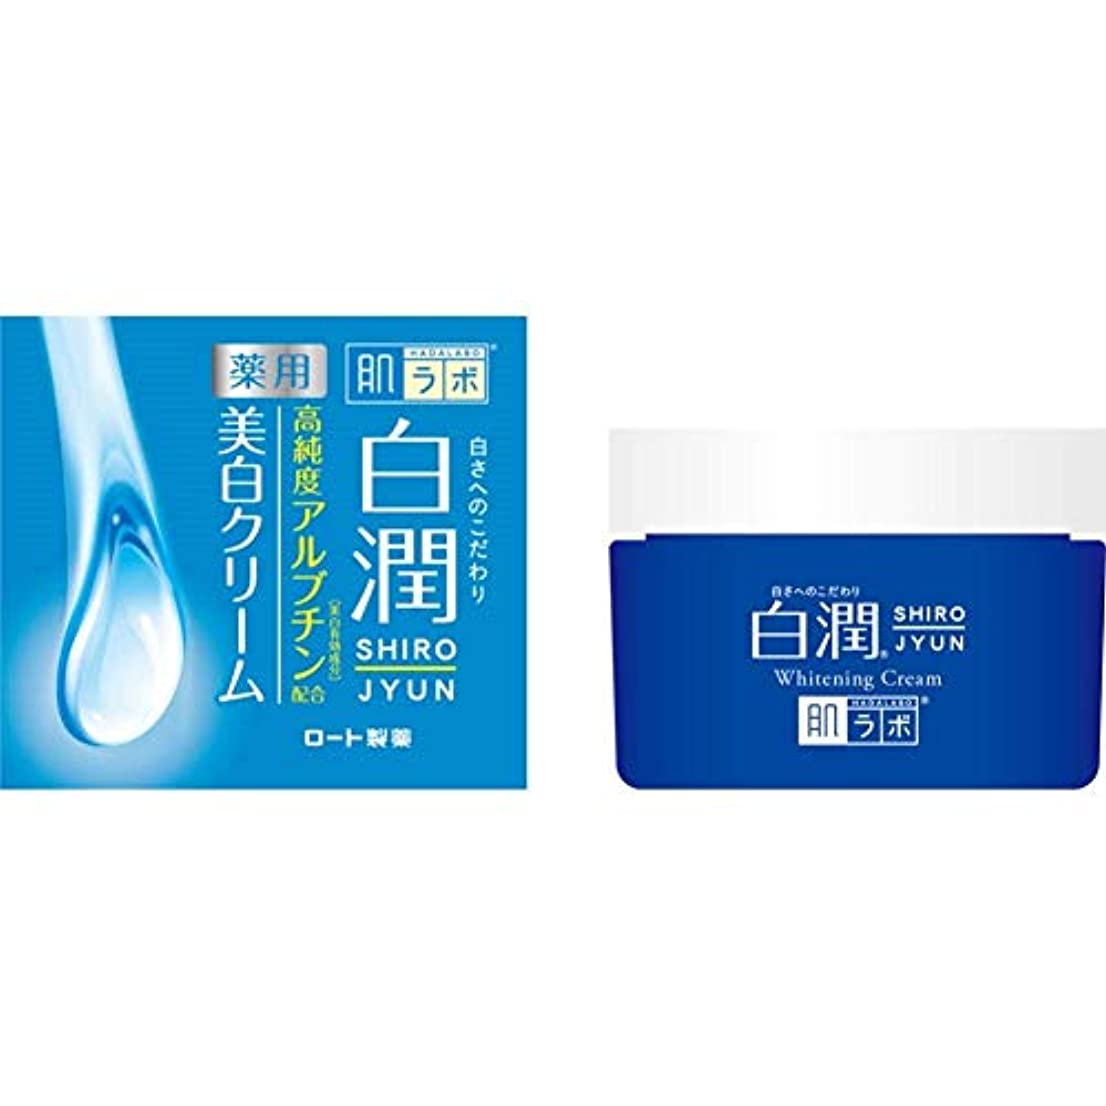 肥料乱雑なほとんどない【ロート製薬】肌研 白潤薬用美白クリーム 50g(医薬部外品) ×3個セット